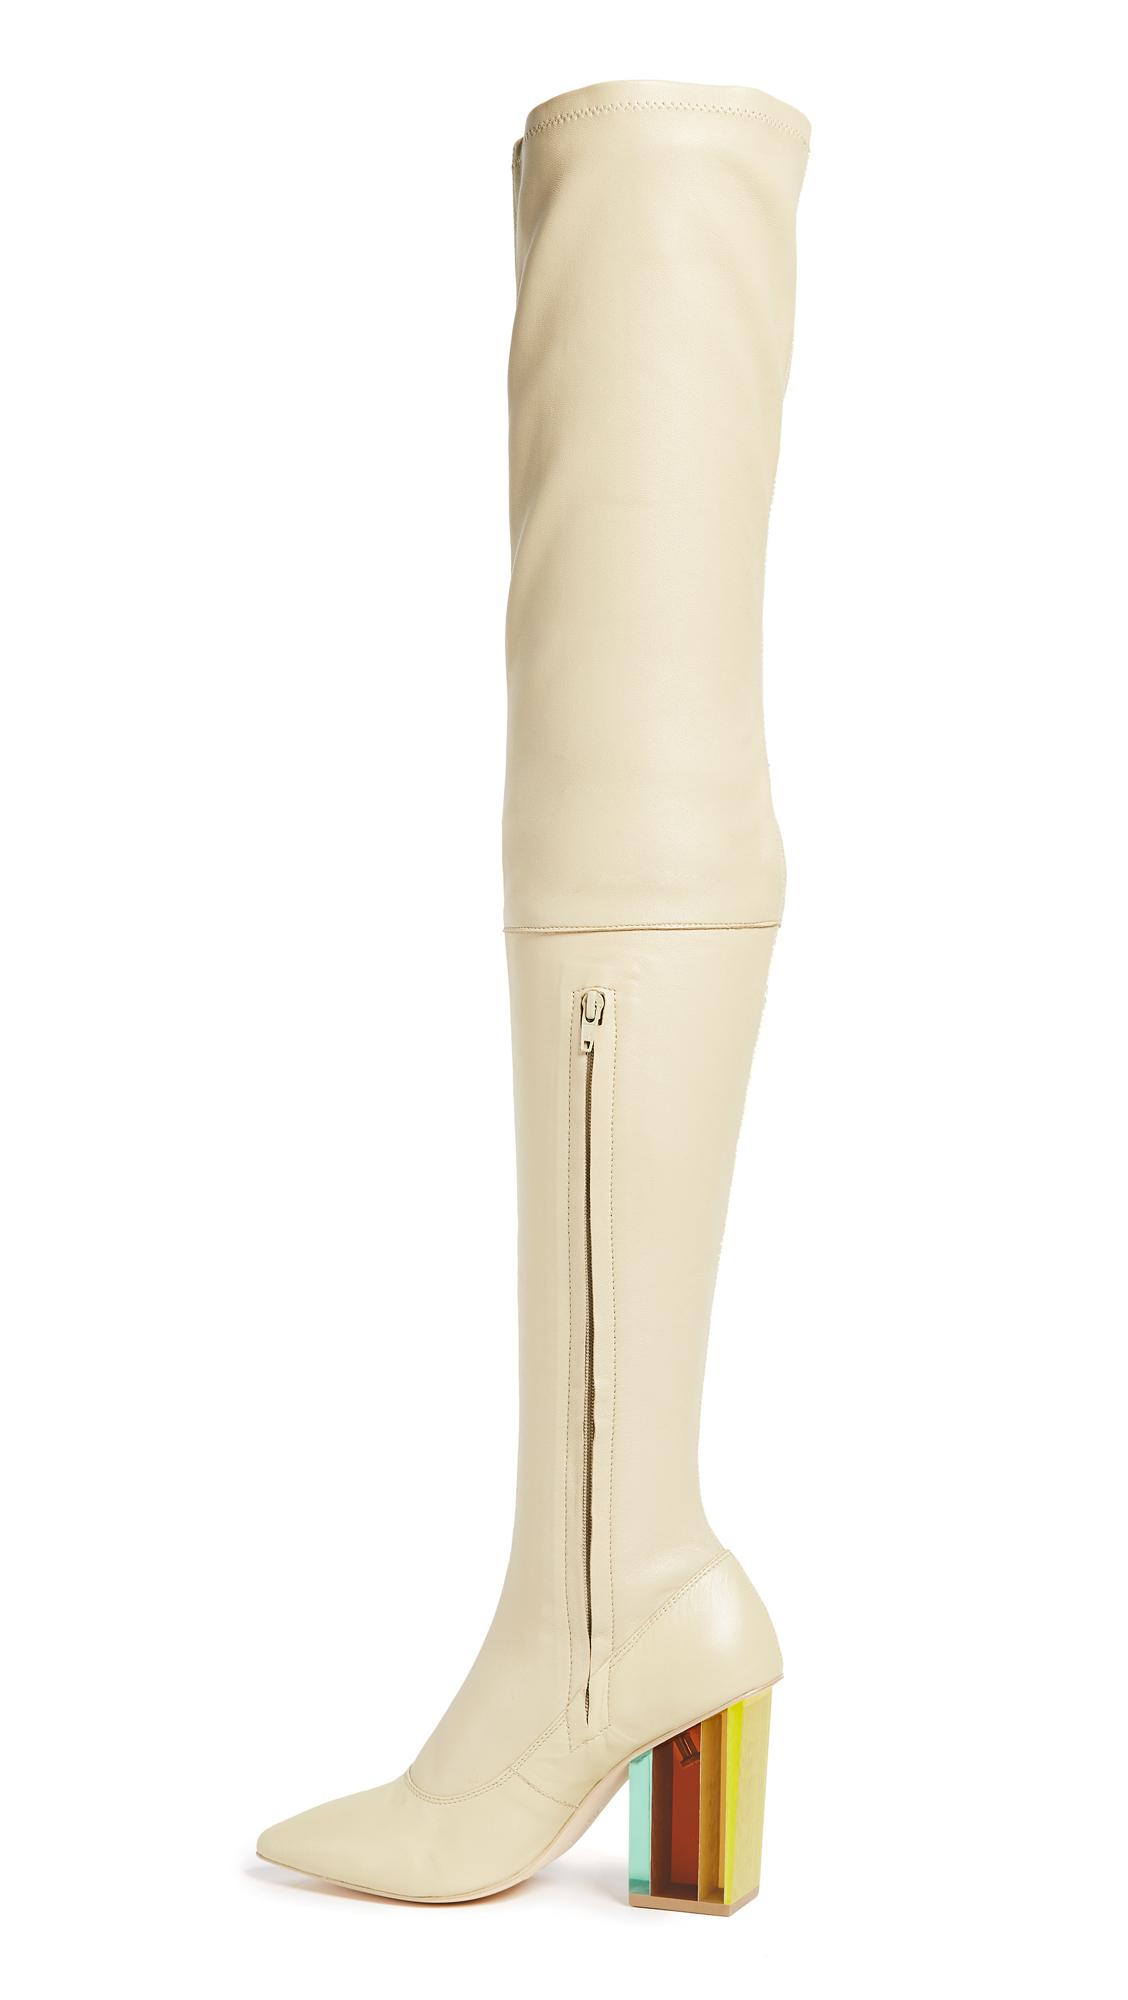 Zimmermann Strech Thigh High Boots - Putty